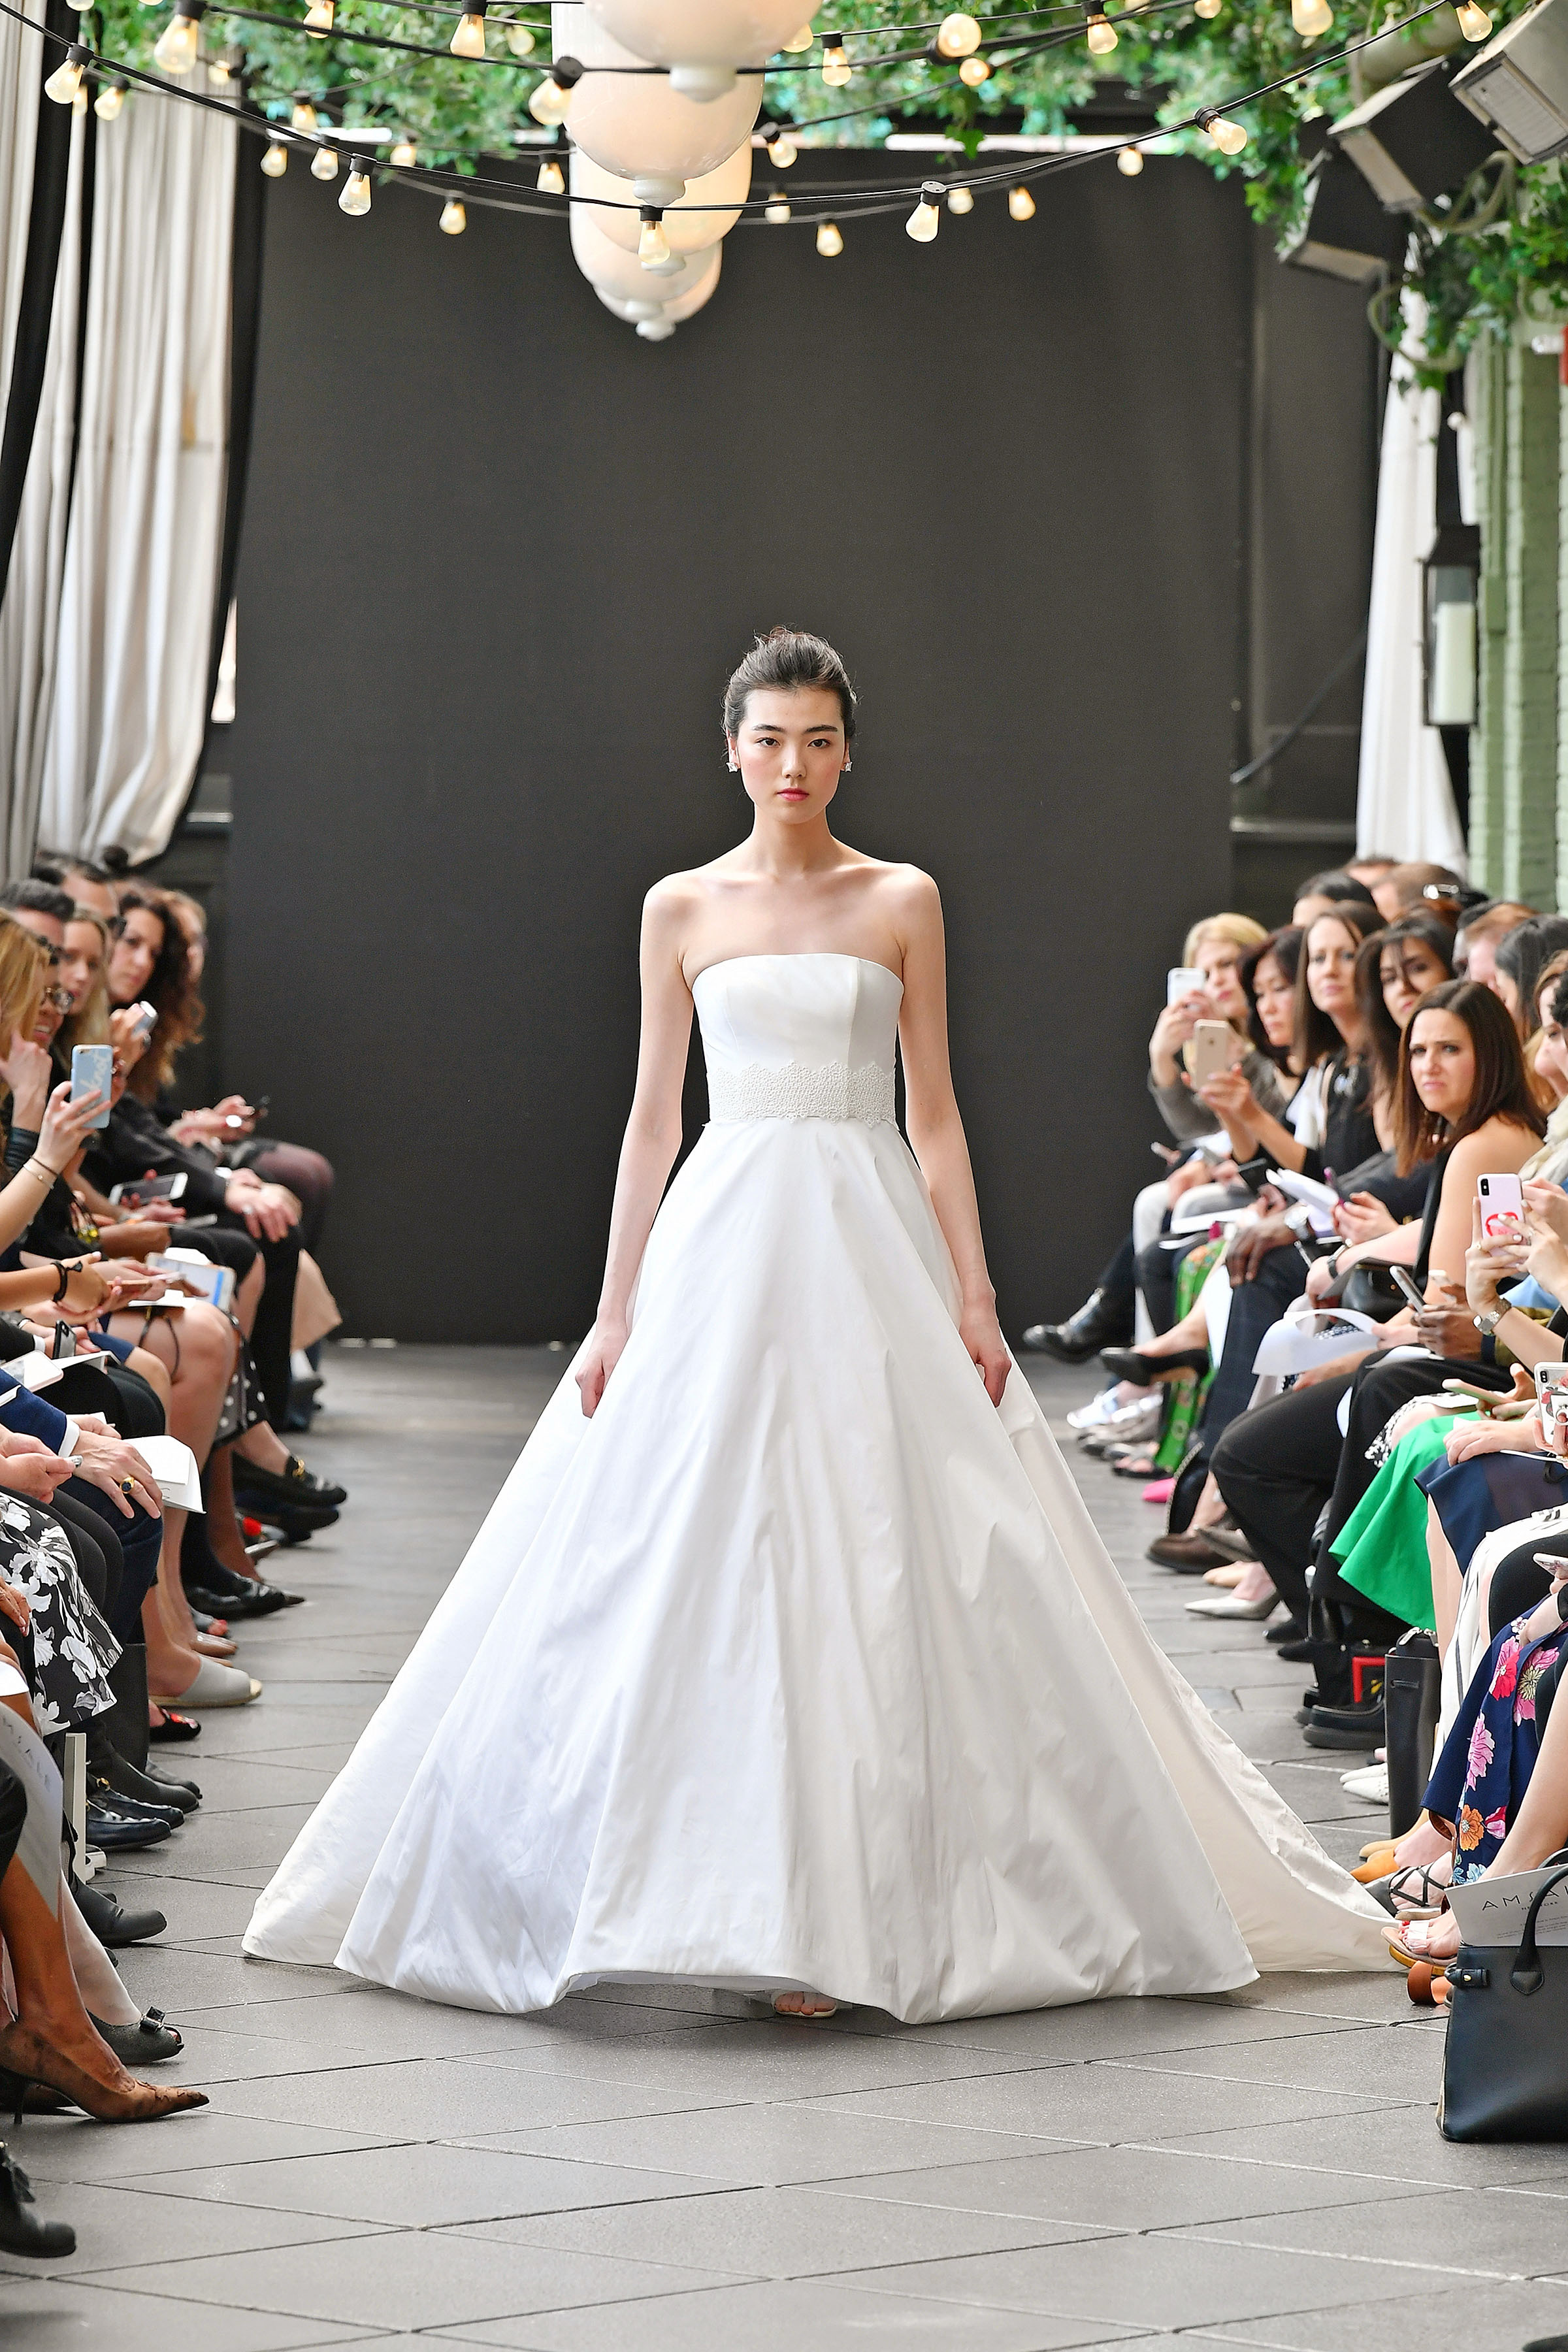 nouvelle amsale wedding dress spring 2019 strapless a-line